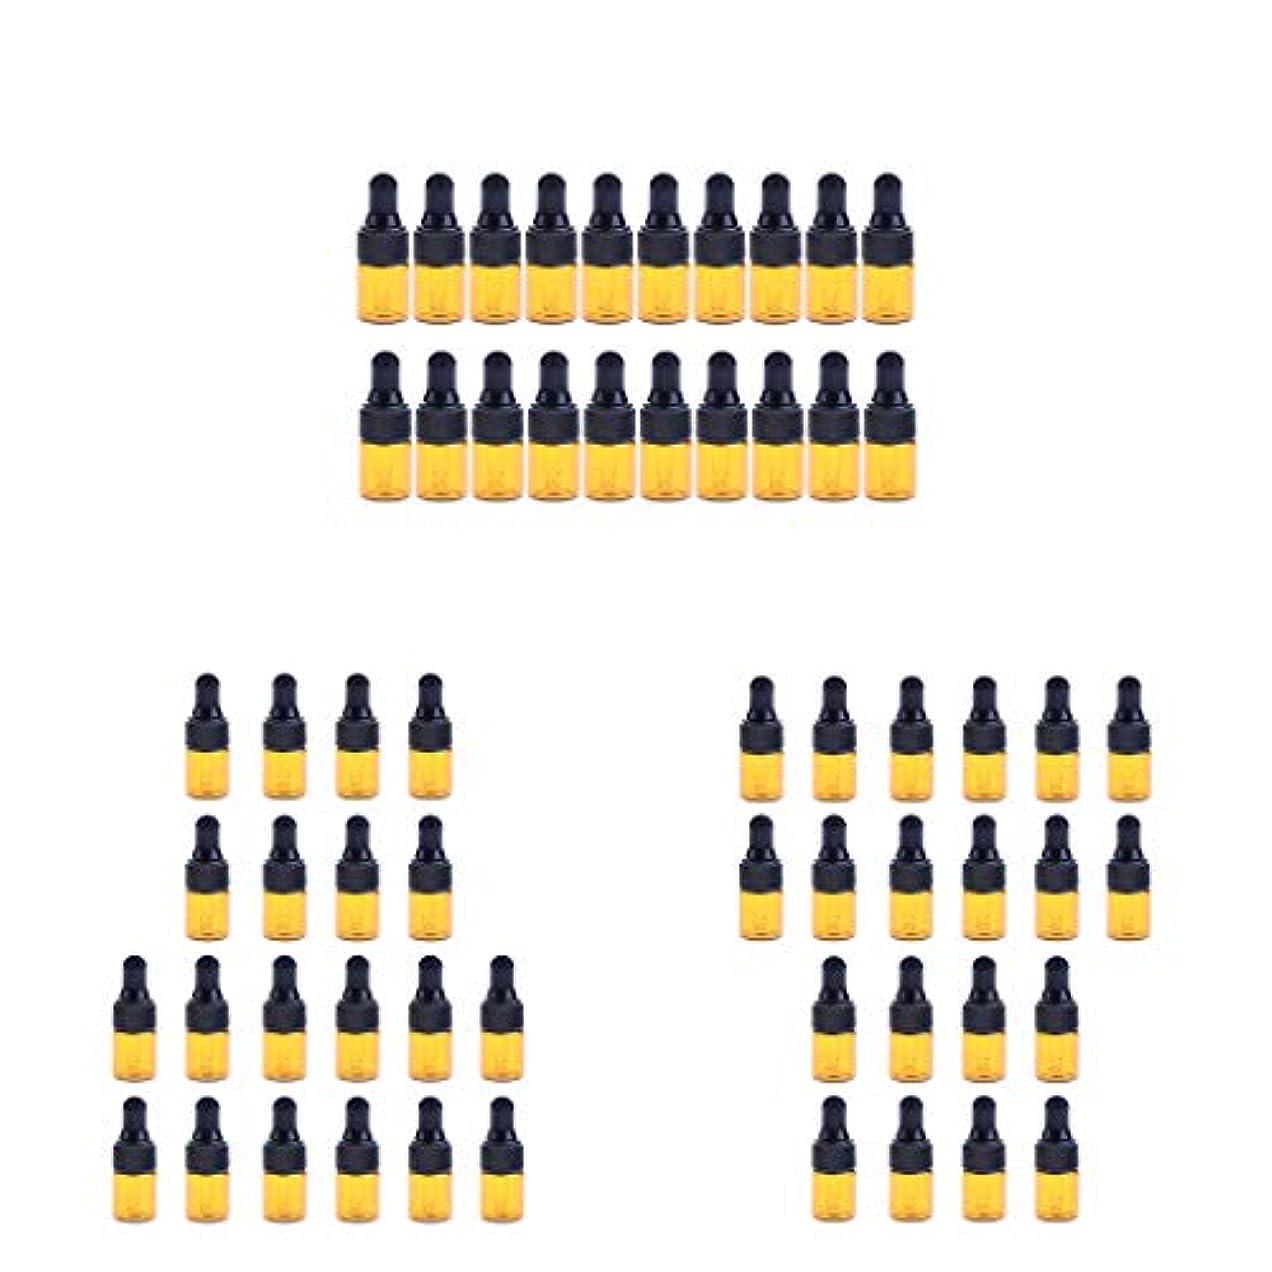 リアル利得確かめるドロッパーボトル エッセンシャルオイル ボトル 3 Ml アロマ 詰め替え容器